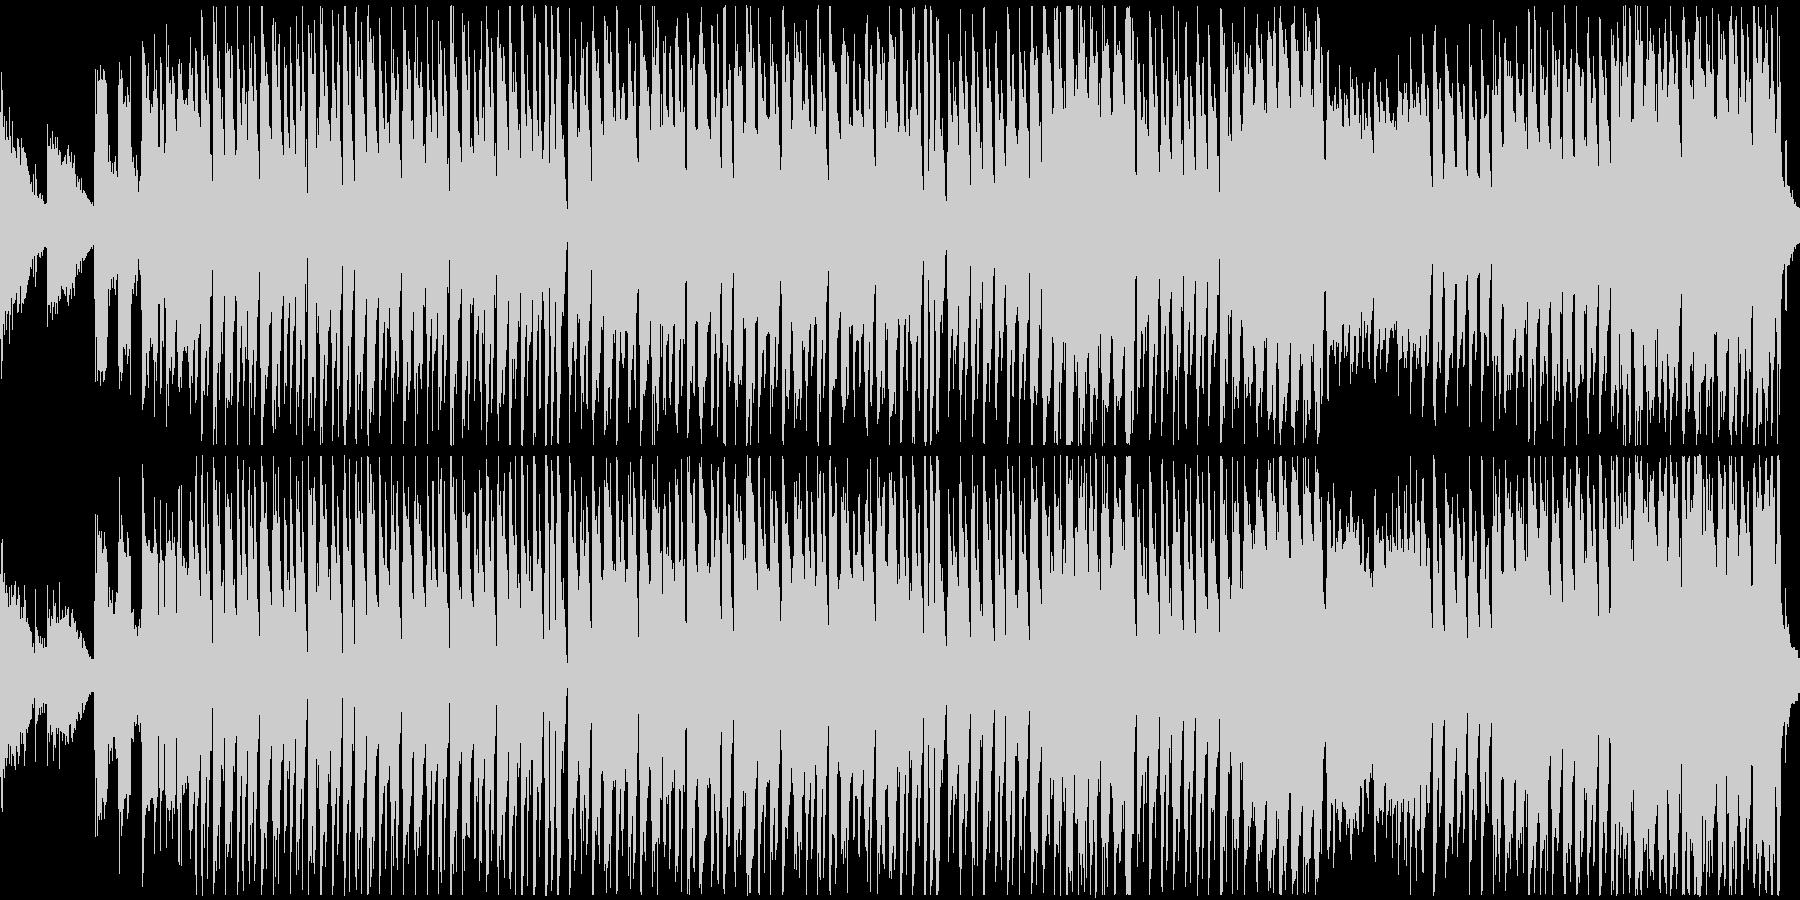 ポップなハロウィン曲(ループ)の未再生の波形